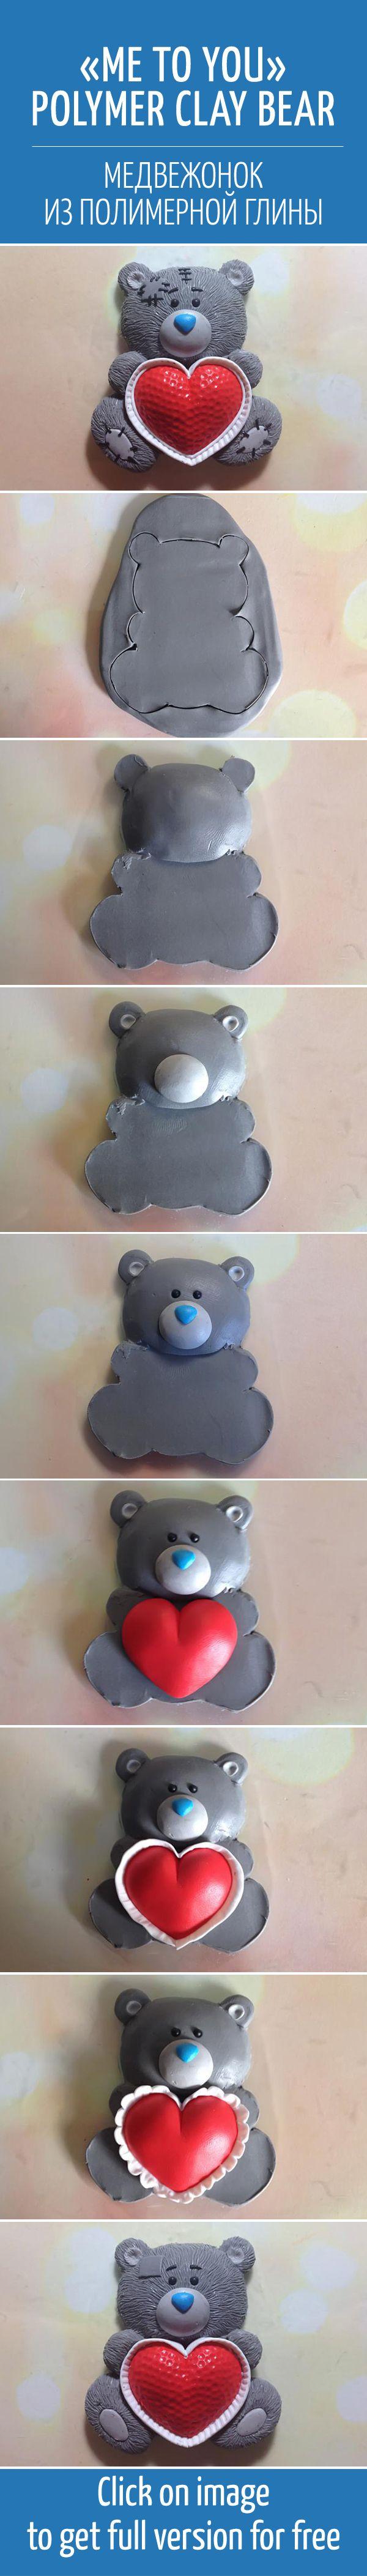 Лепим из полимерной глины медвежонка «Me to you» с сердечком / Me to you polymer clay bear diy